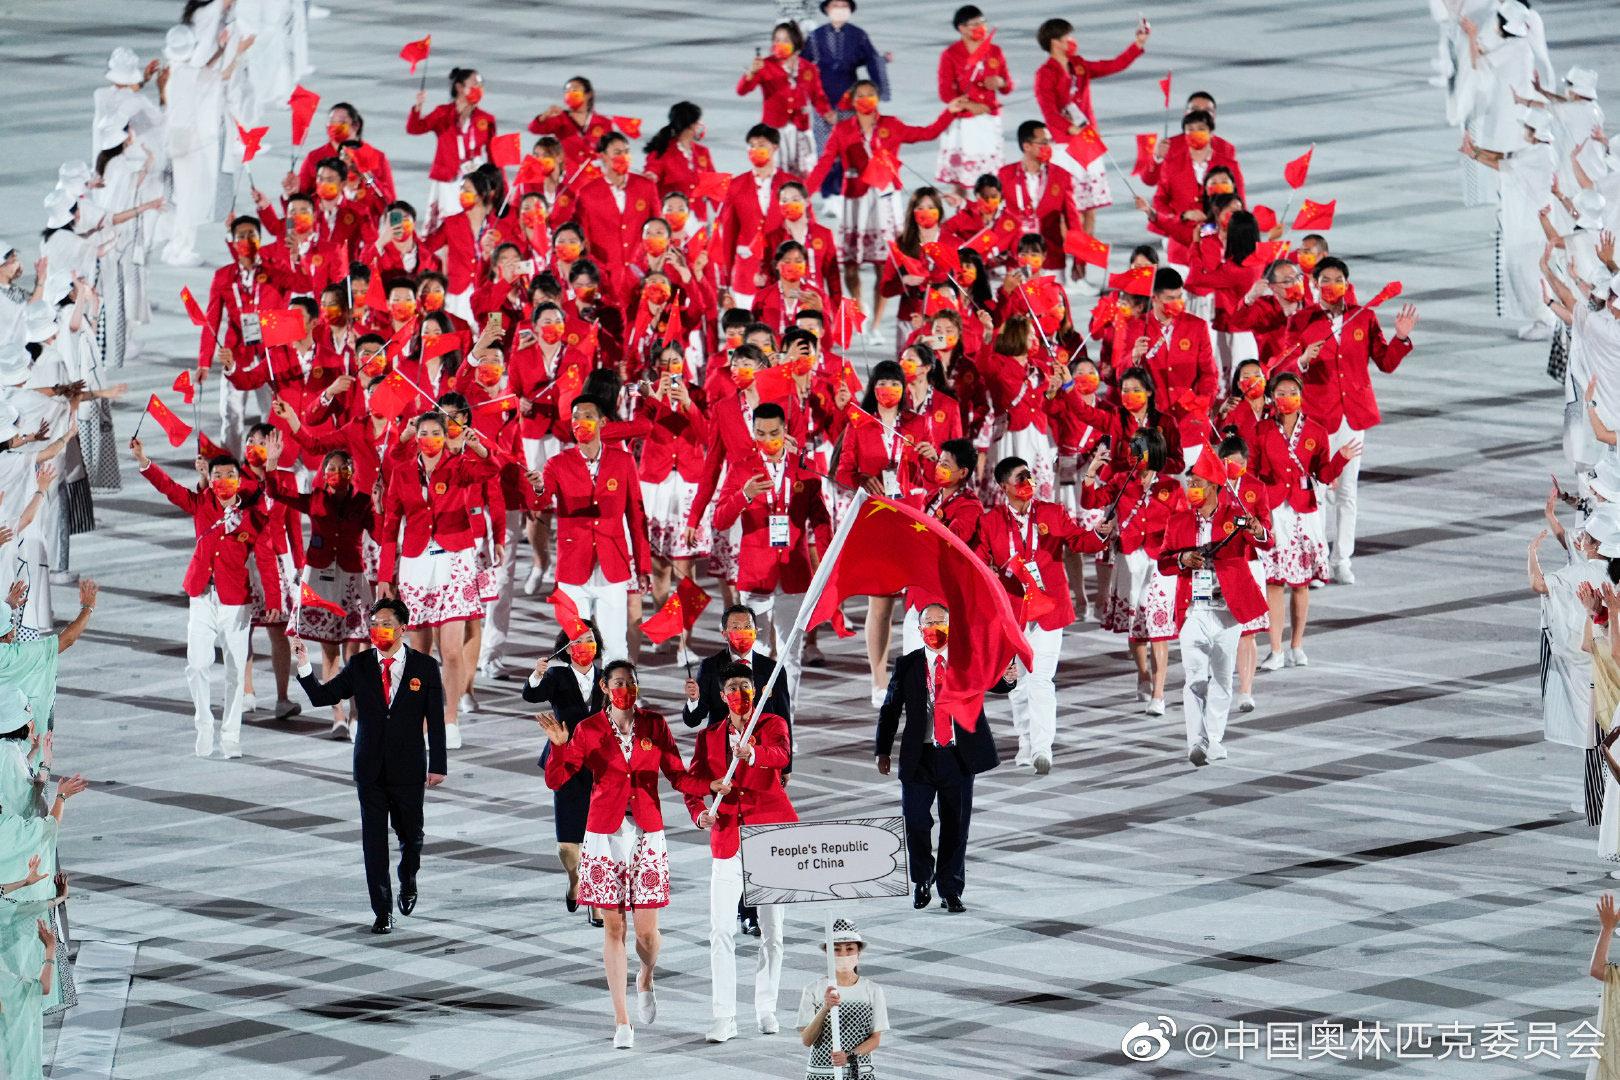 中国体育代表队参加2020东京奥运会赛事活动